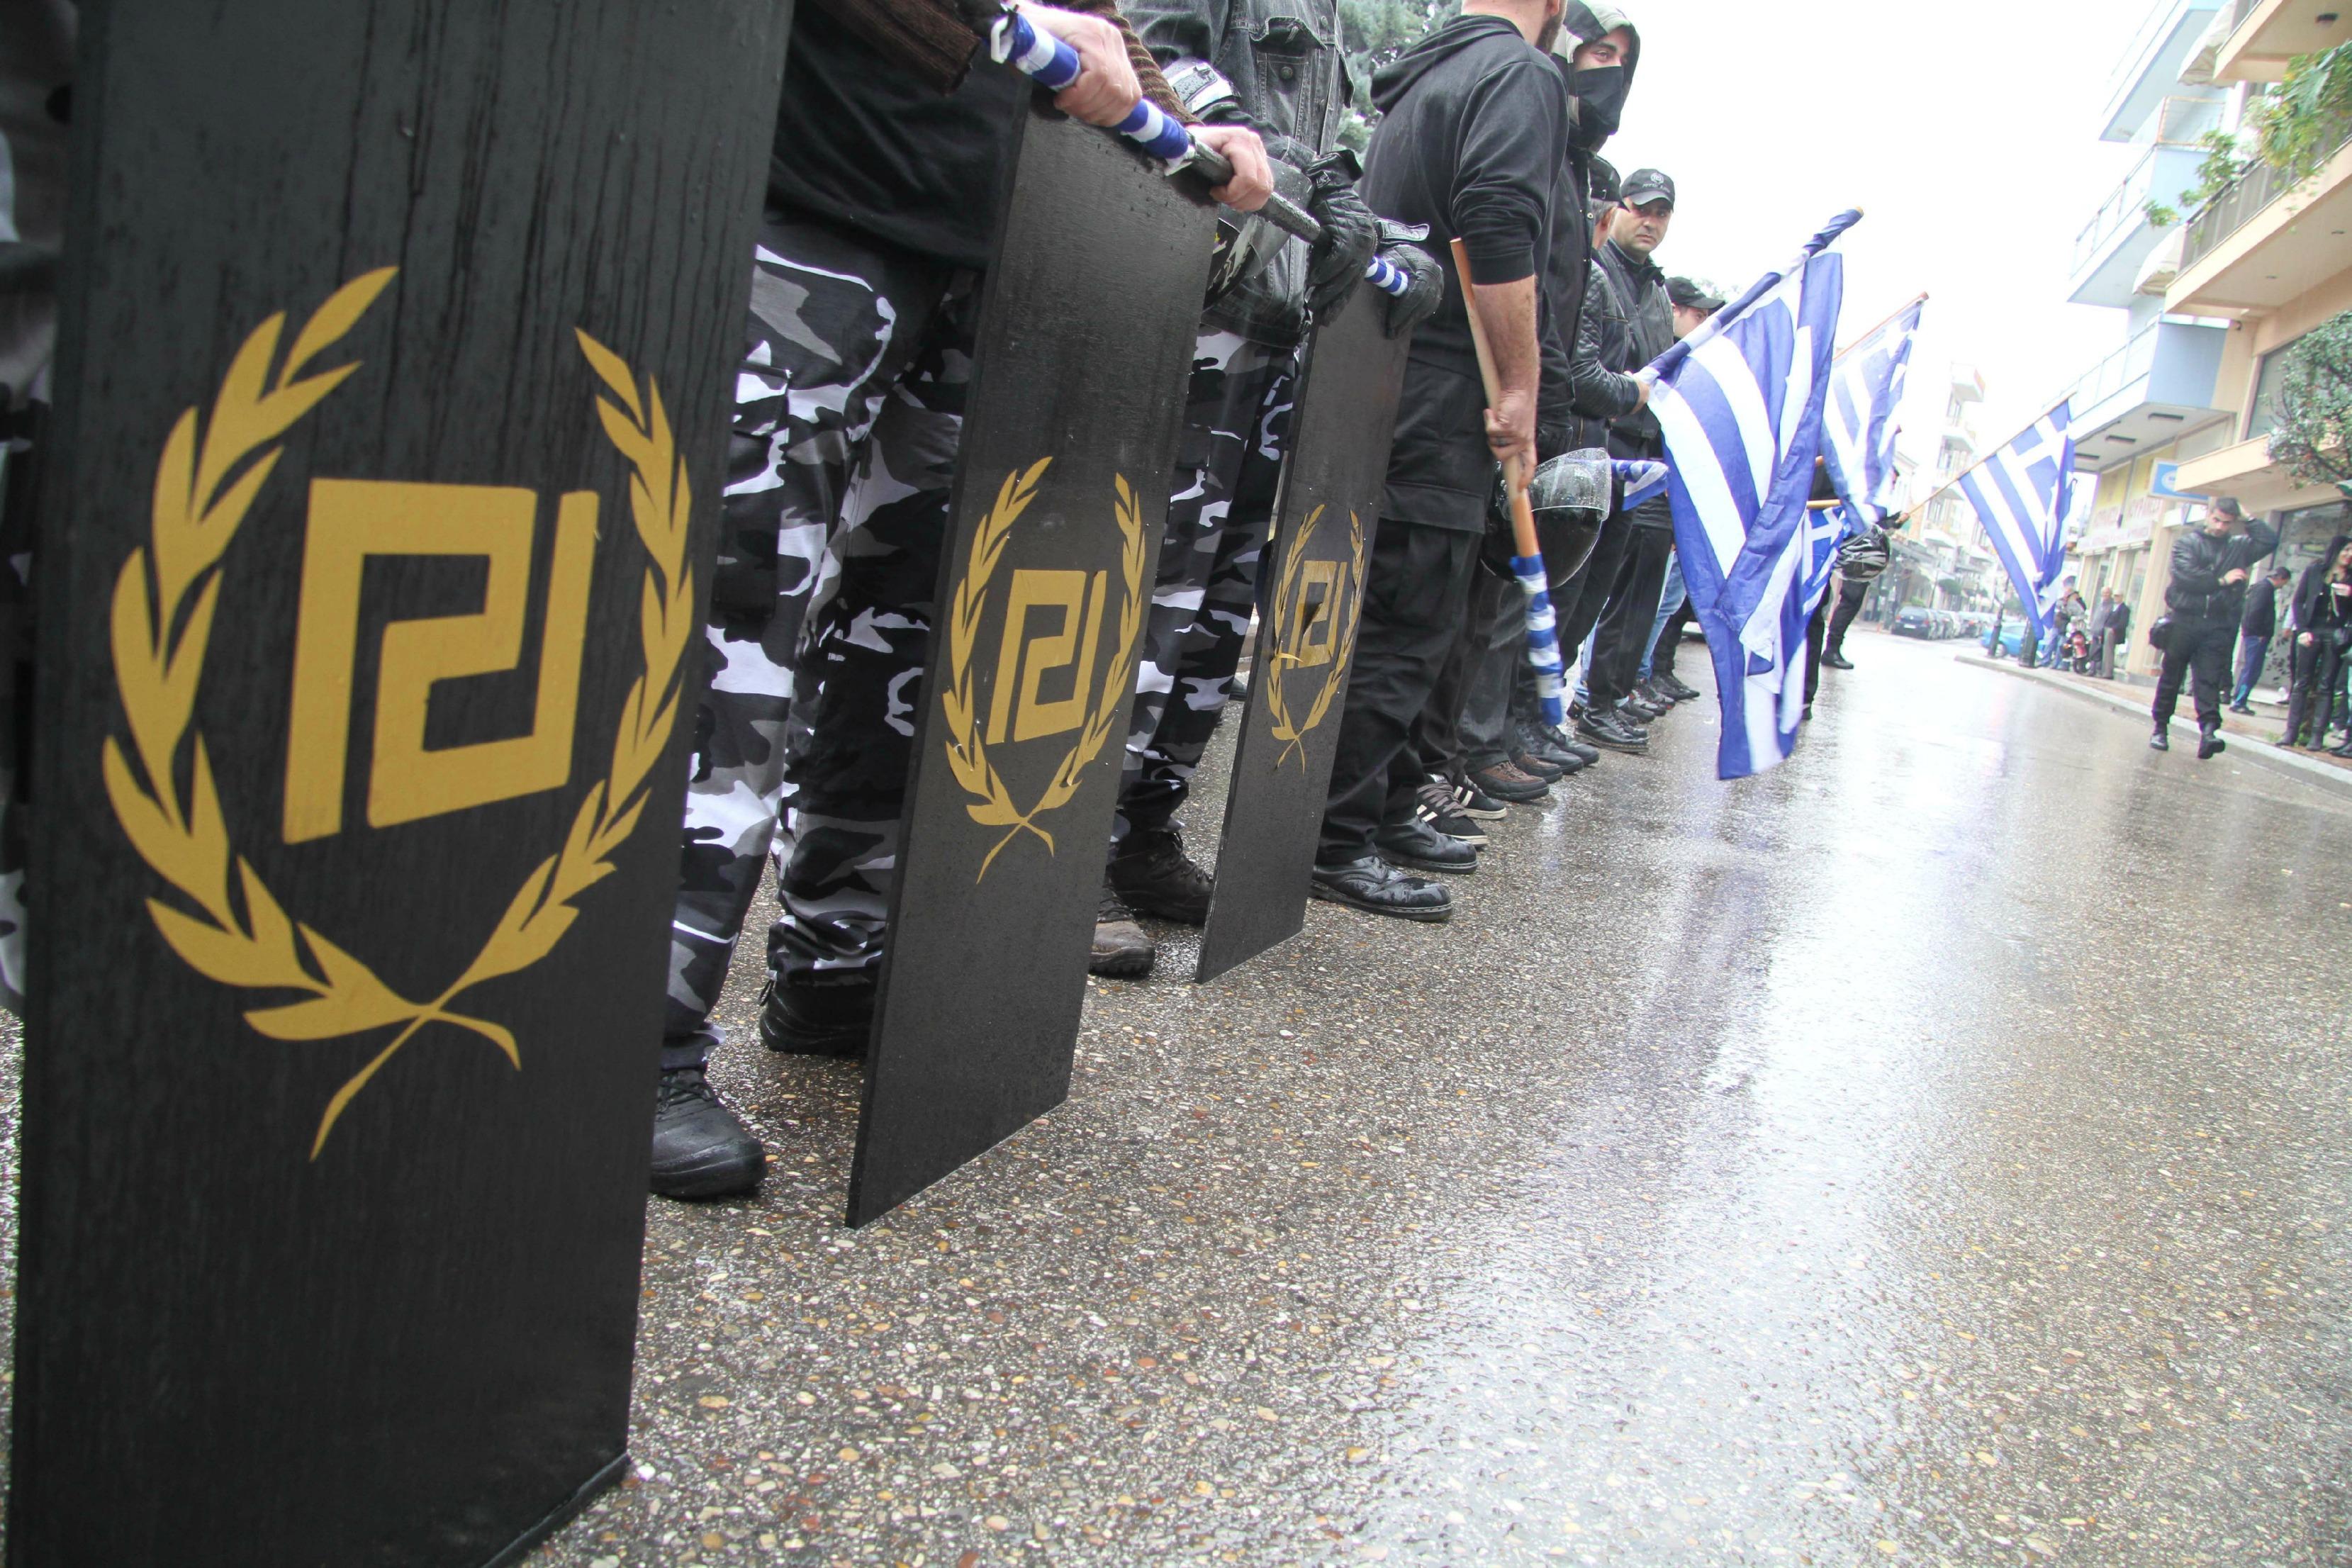 Οι ευρωπαϊκές ακροδεξιές δυνάμεις συναντώνται το Σάββατο στο Μιλάνο   tovima.gr